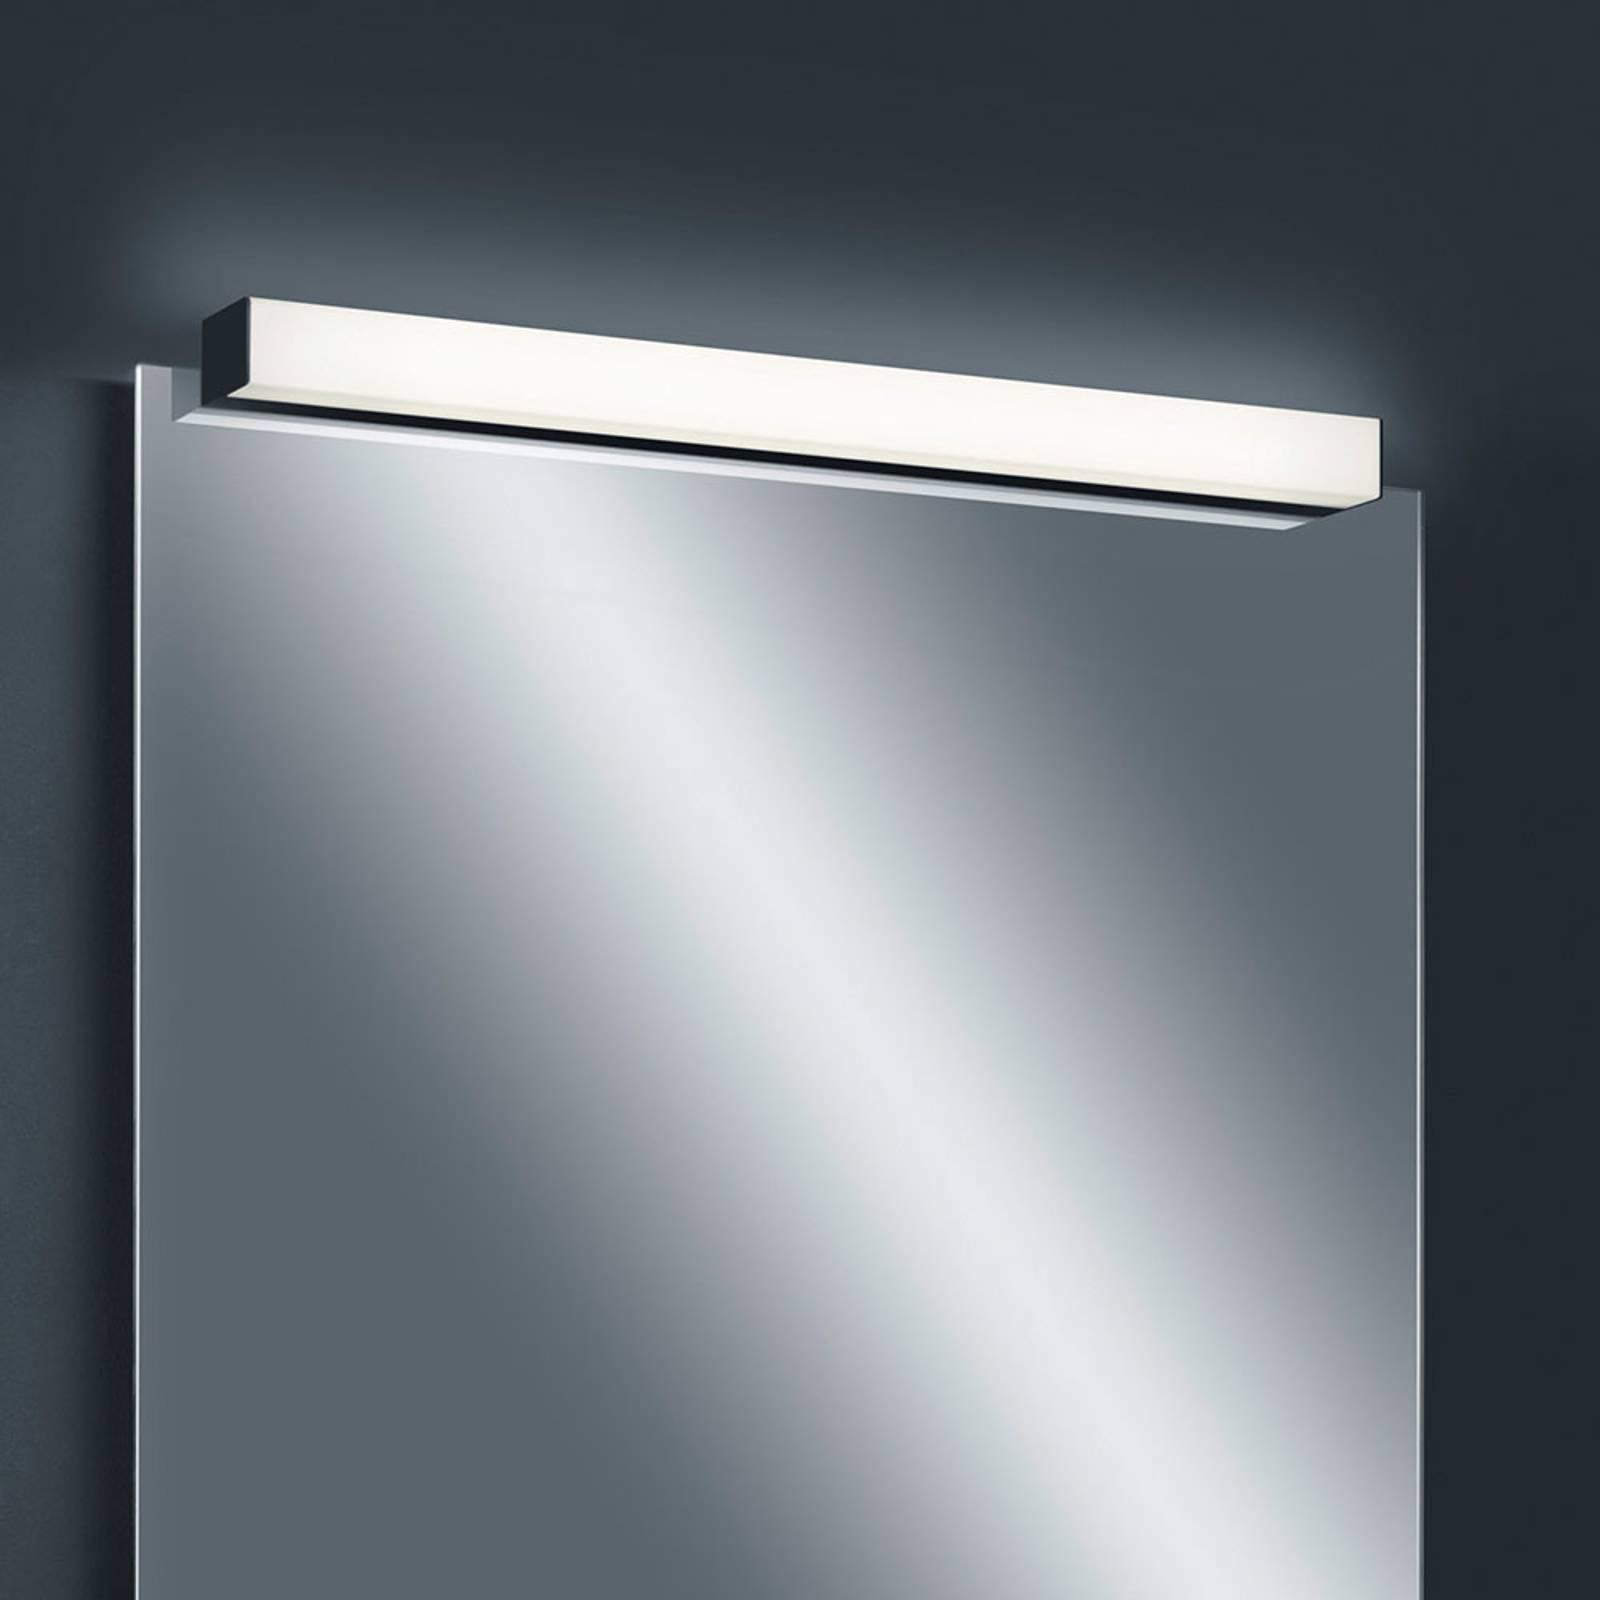 Helestra Lado applique miroir LED noire 120cm